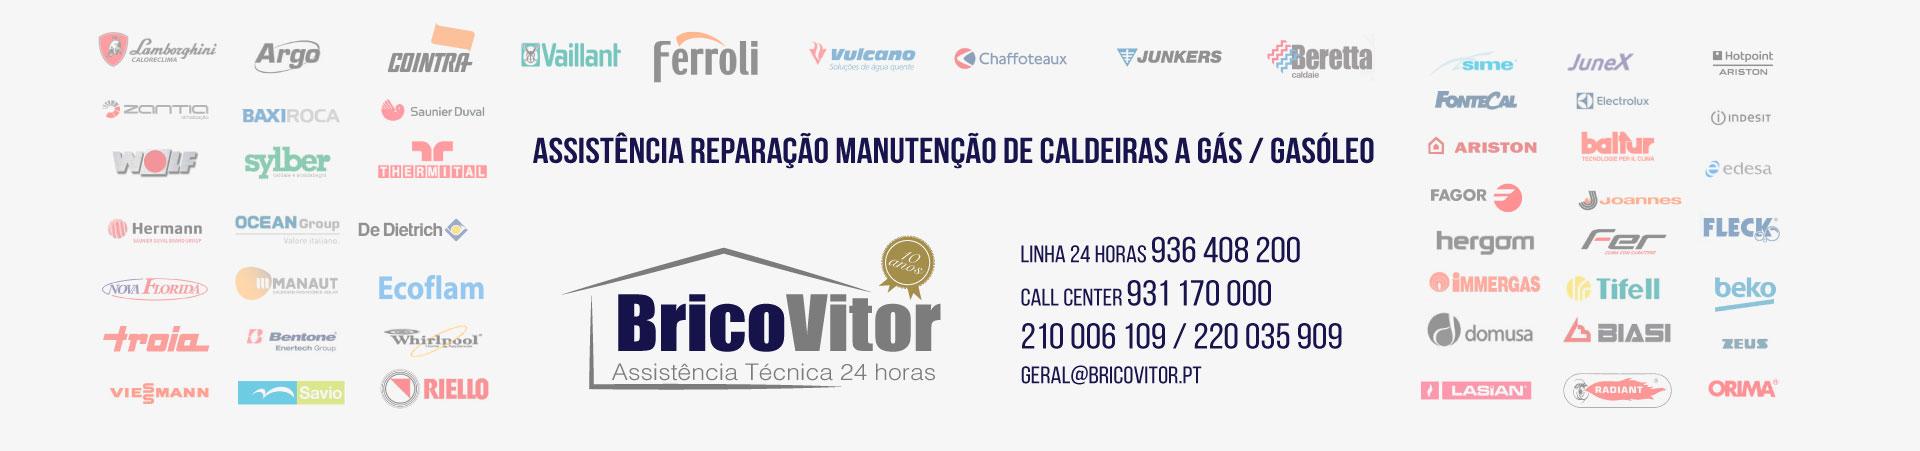 Assistência Esquentadores Vila Franca de Xira,